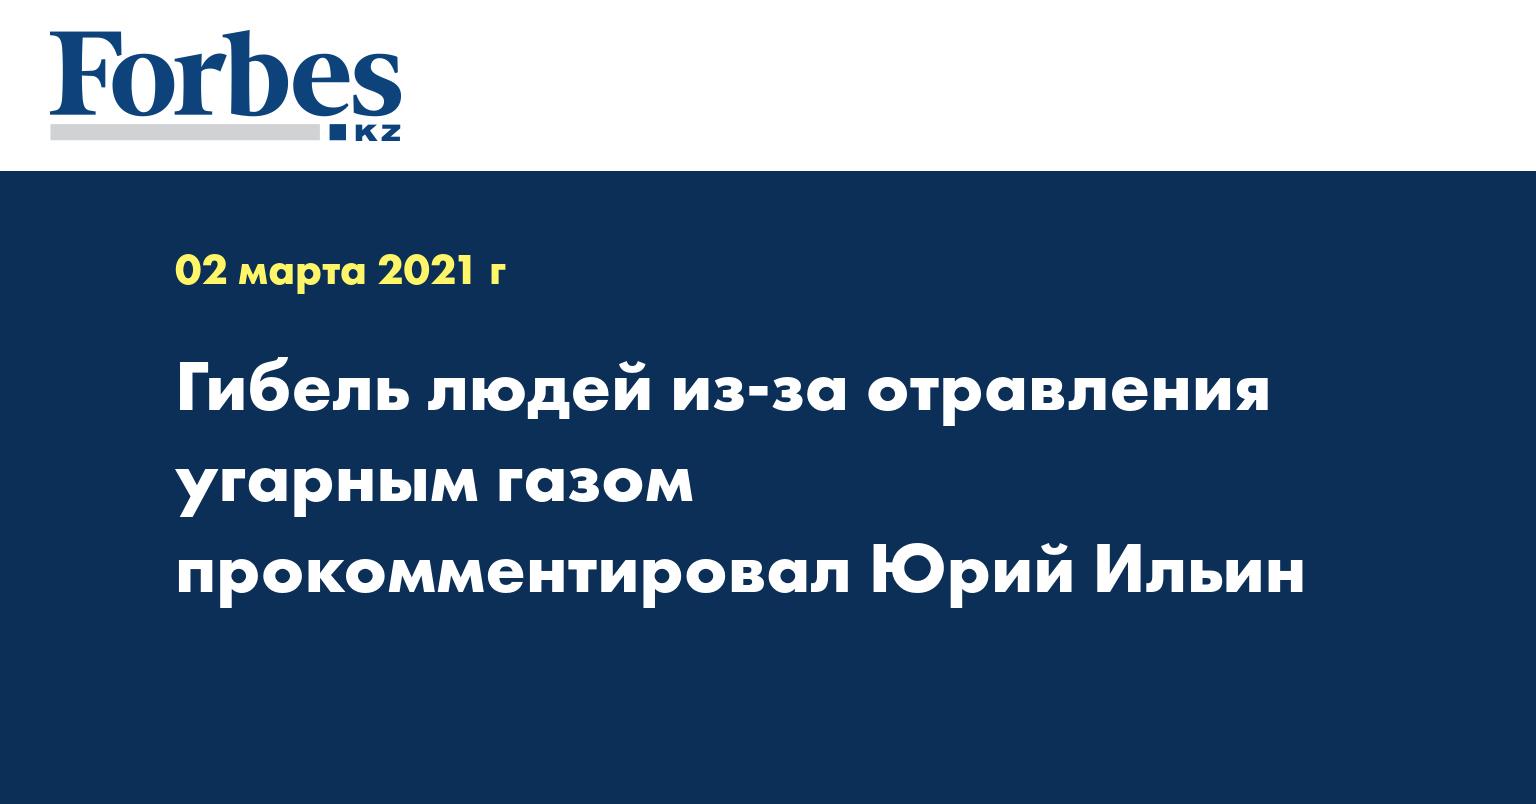 Гибель людей из-за отравления угарным газом прокомментировал Юрий Ильин